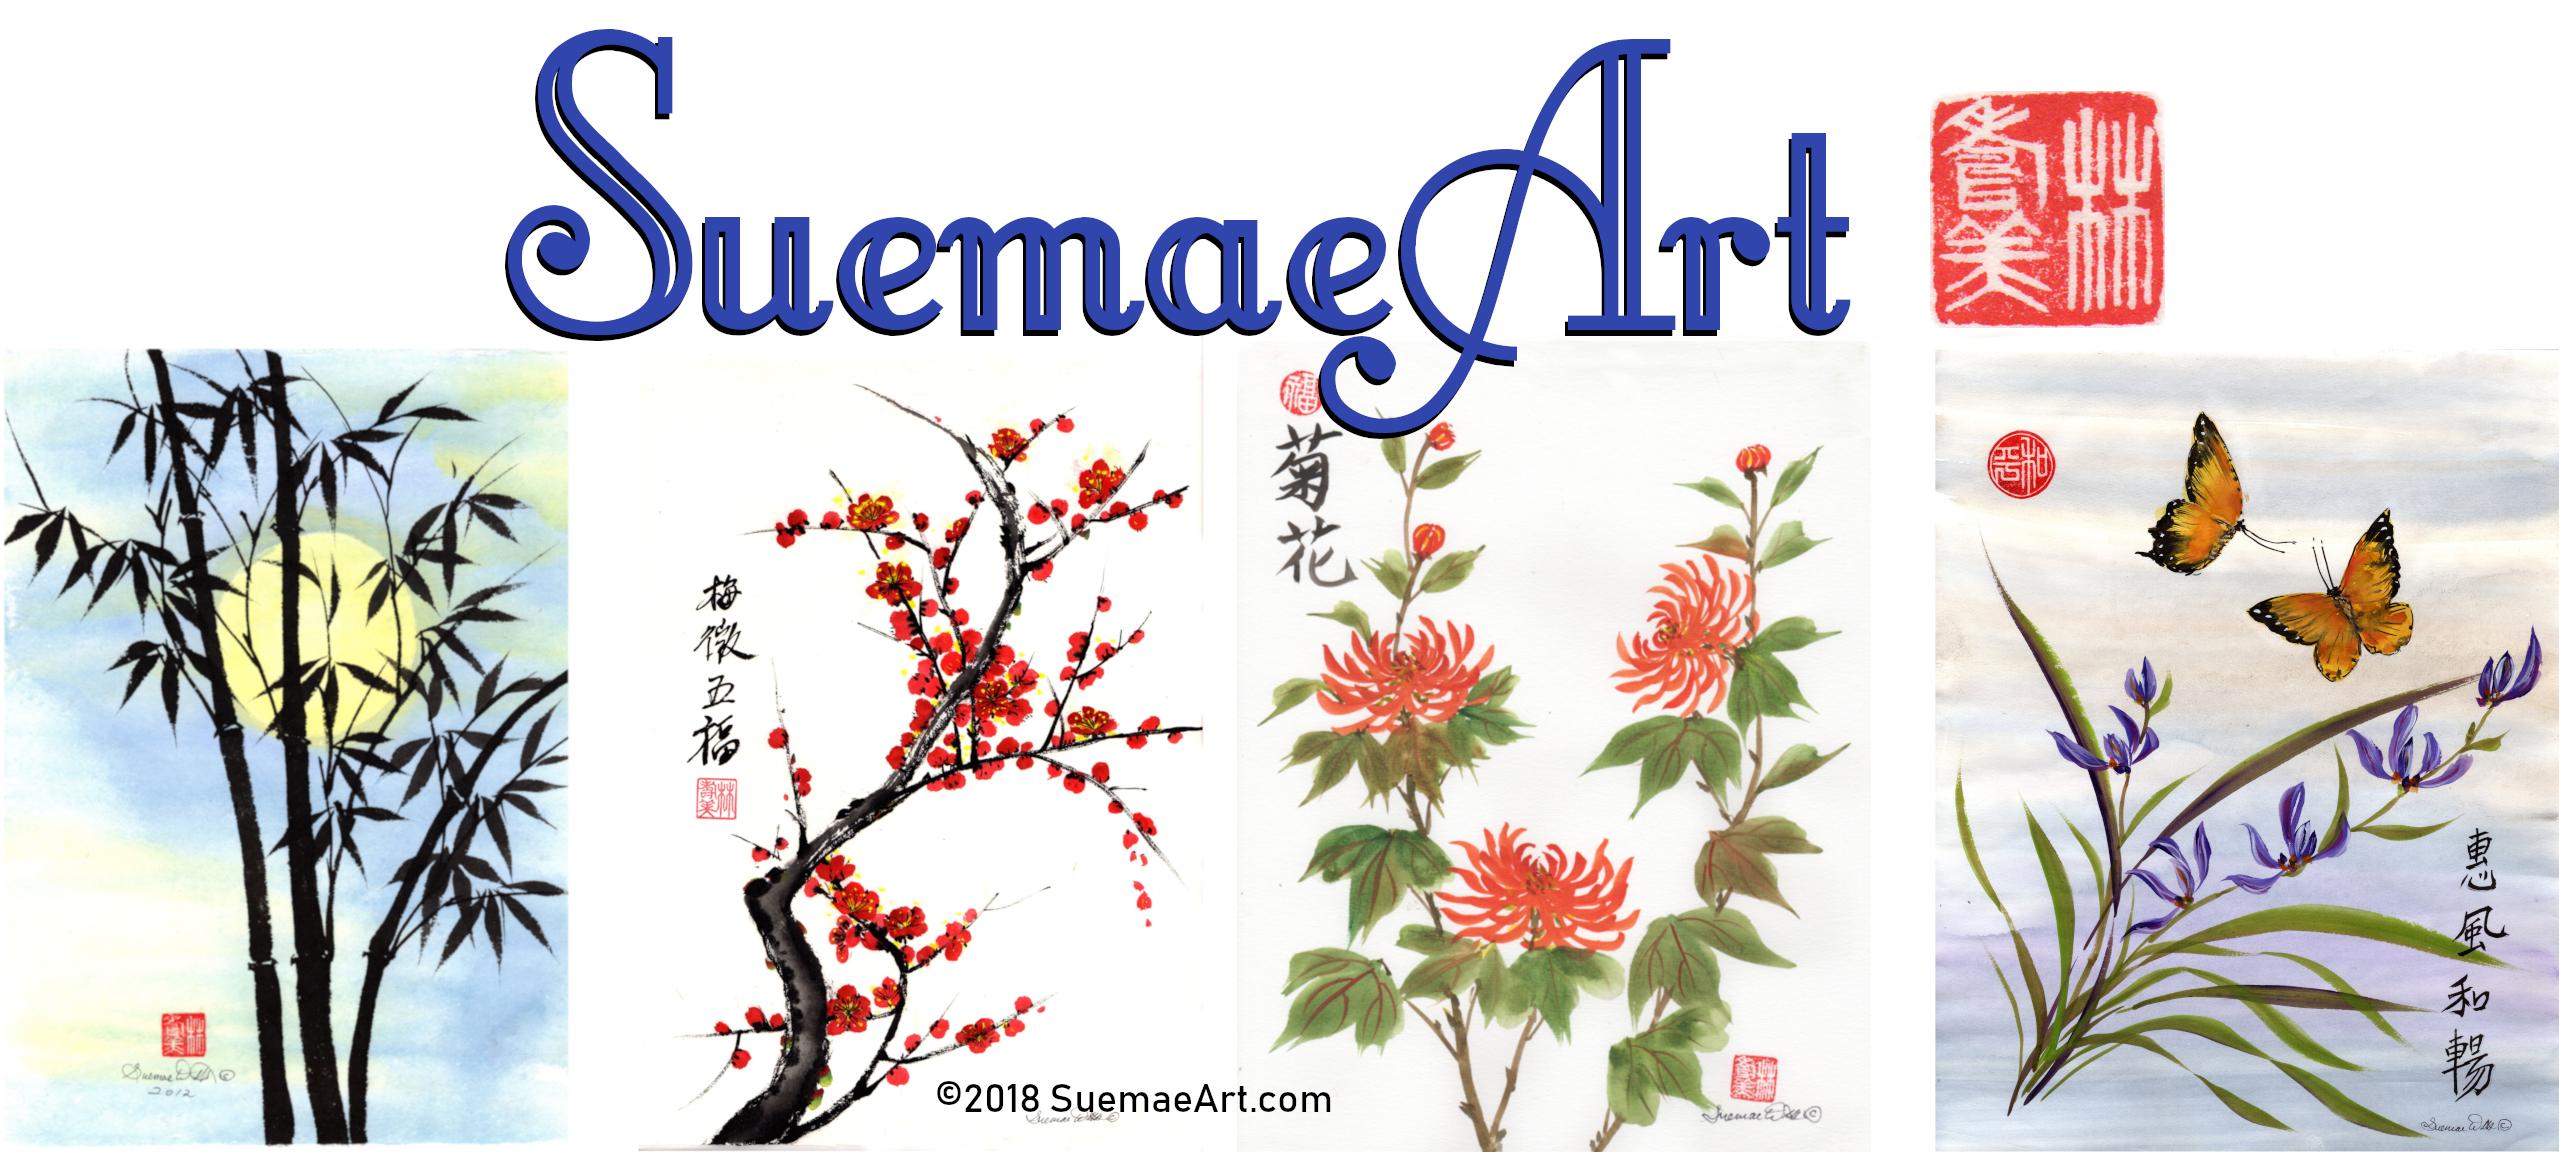 SuemaeArt channel art for WordPress